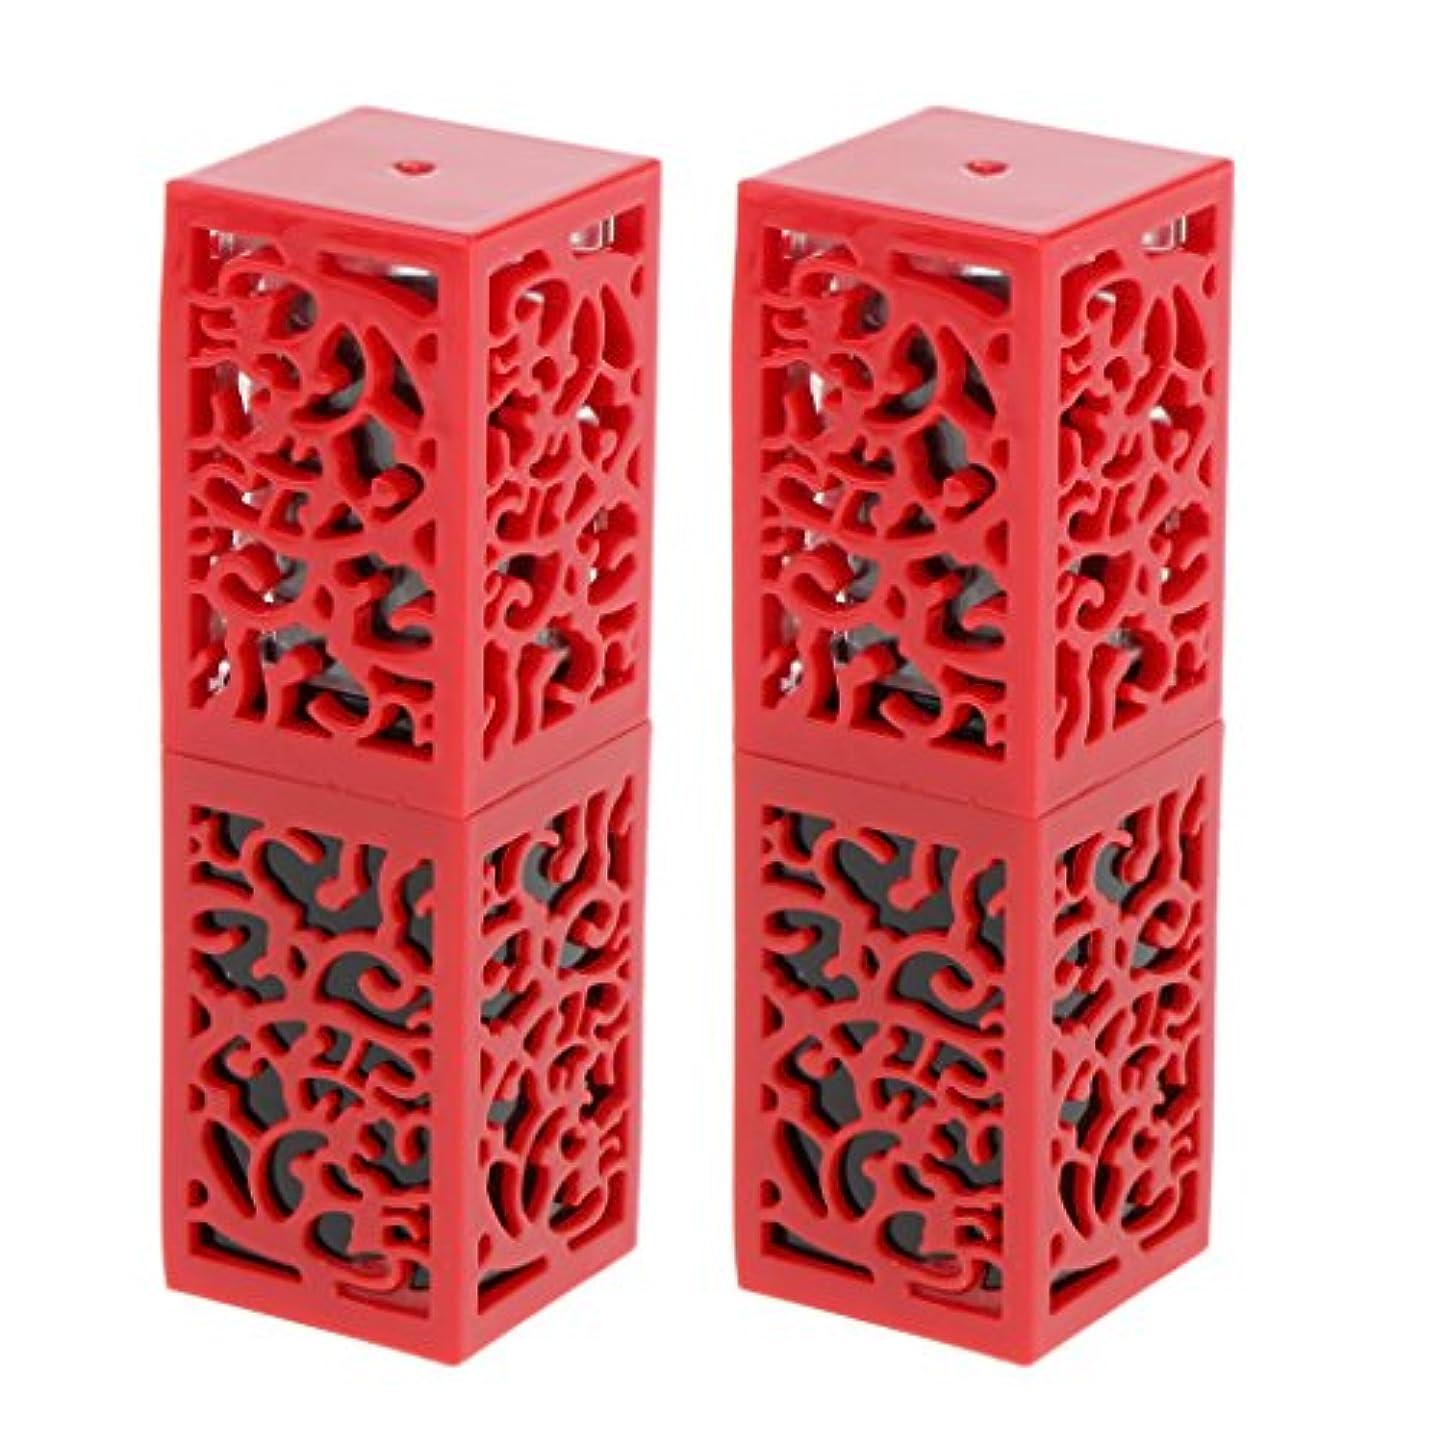 悩む栄養有限Homyl 2個入 口紅チューブ リップスティックチューブ 内径1.21cm 金型 おしゃれ プレゼント 手作り 全2色 - 赤